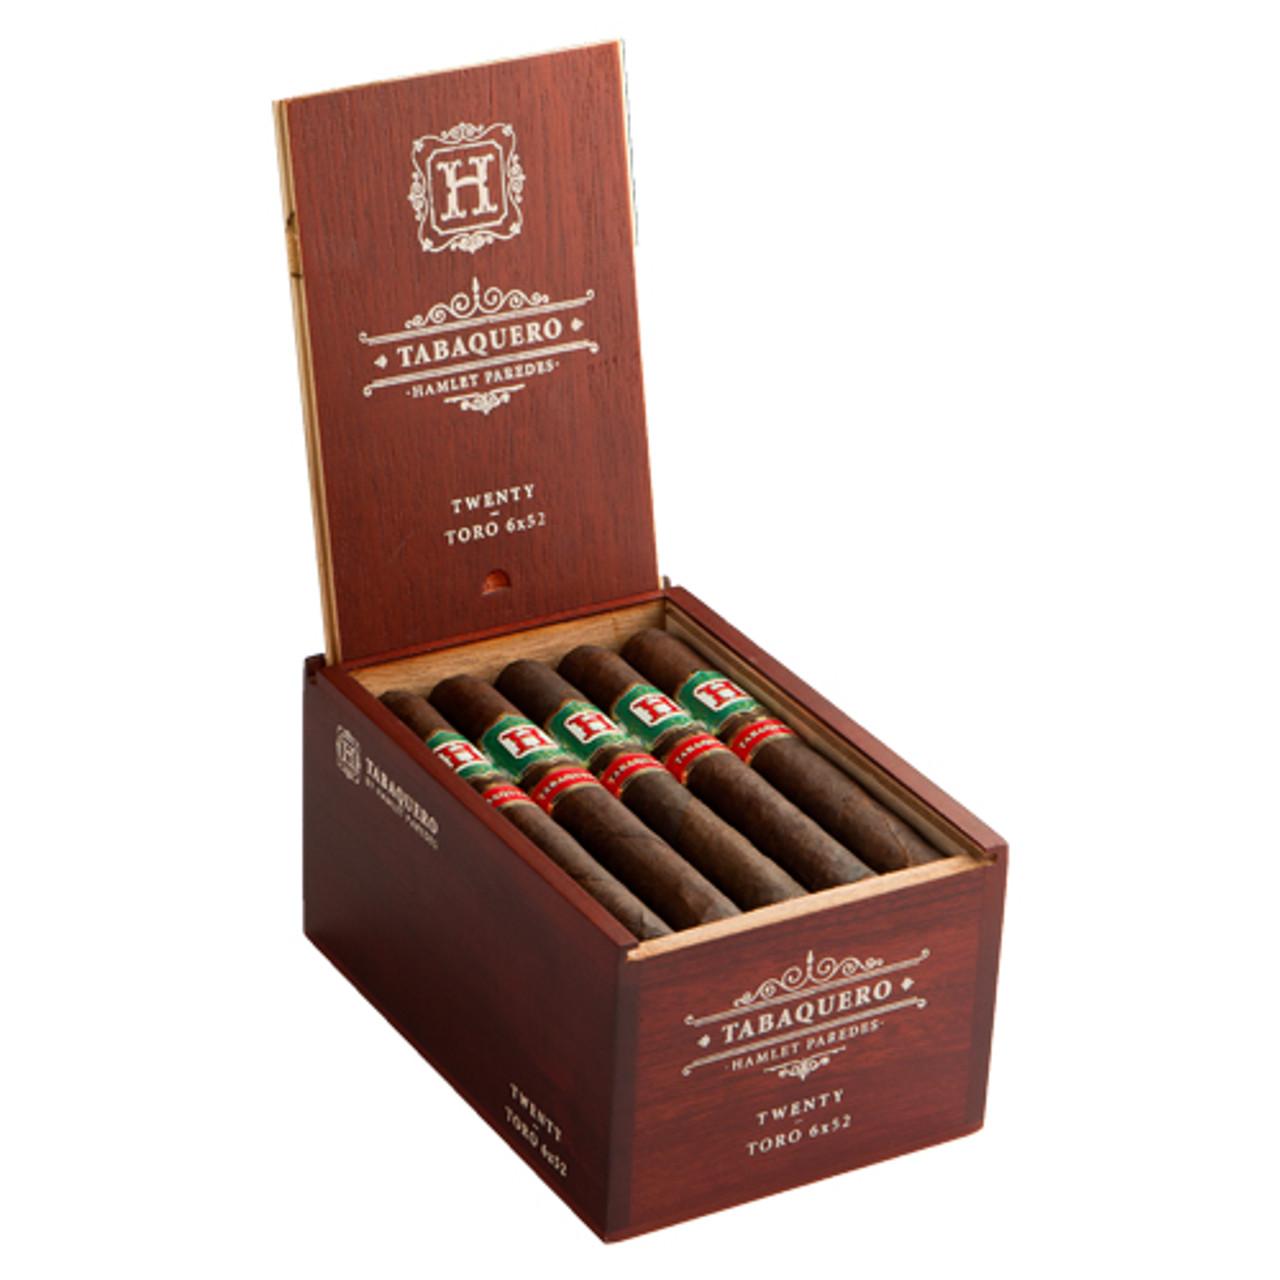 Tabaquero by Hamlet Paredes Corona Cigars - 5.5 x 42 (Box of 20)